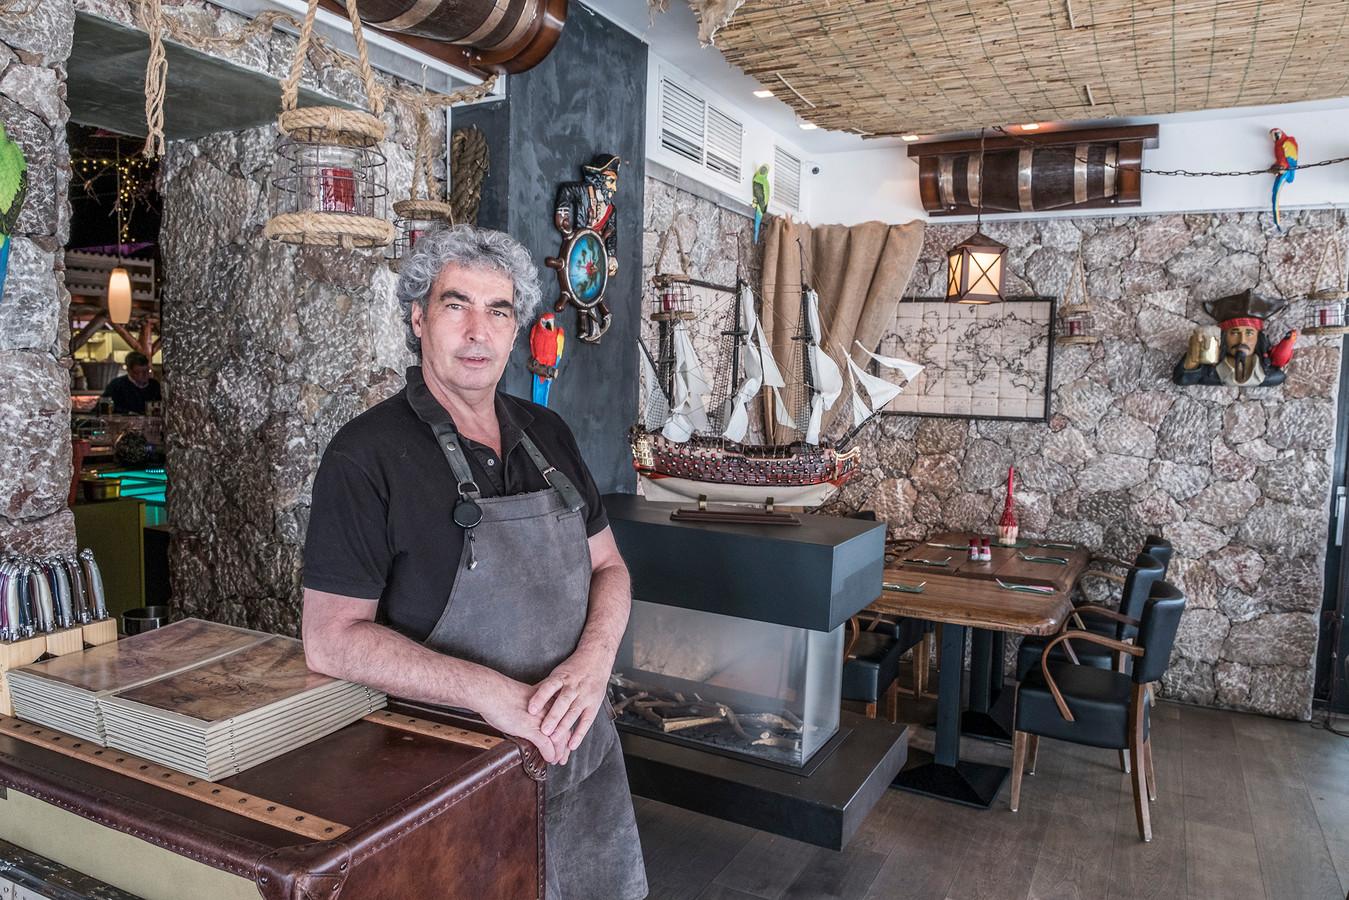 Steakhouse 't Galjoen zit tijdelijk in de serre van De 10 op het Kerkplein in Malden. Ook een zaak van Teodoro Musumeci.